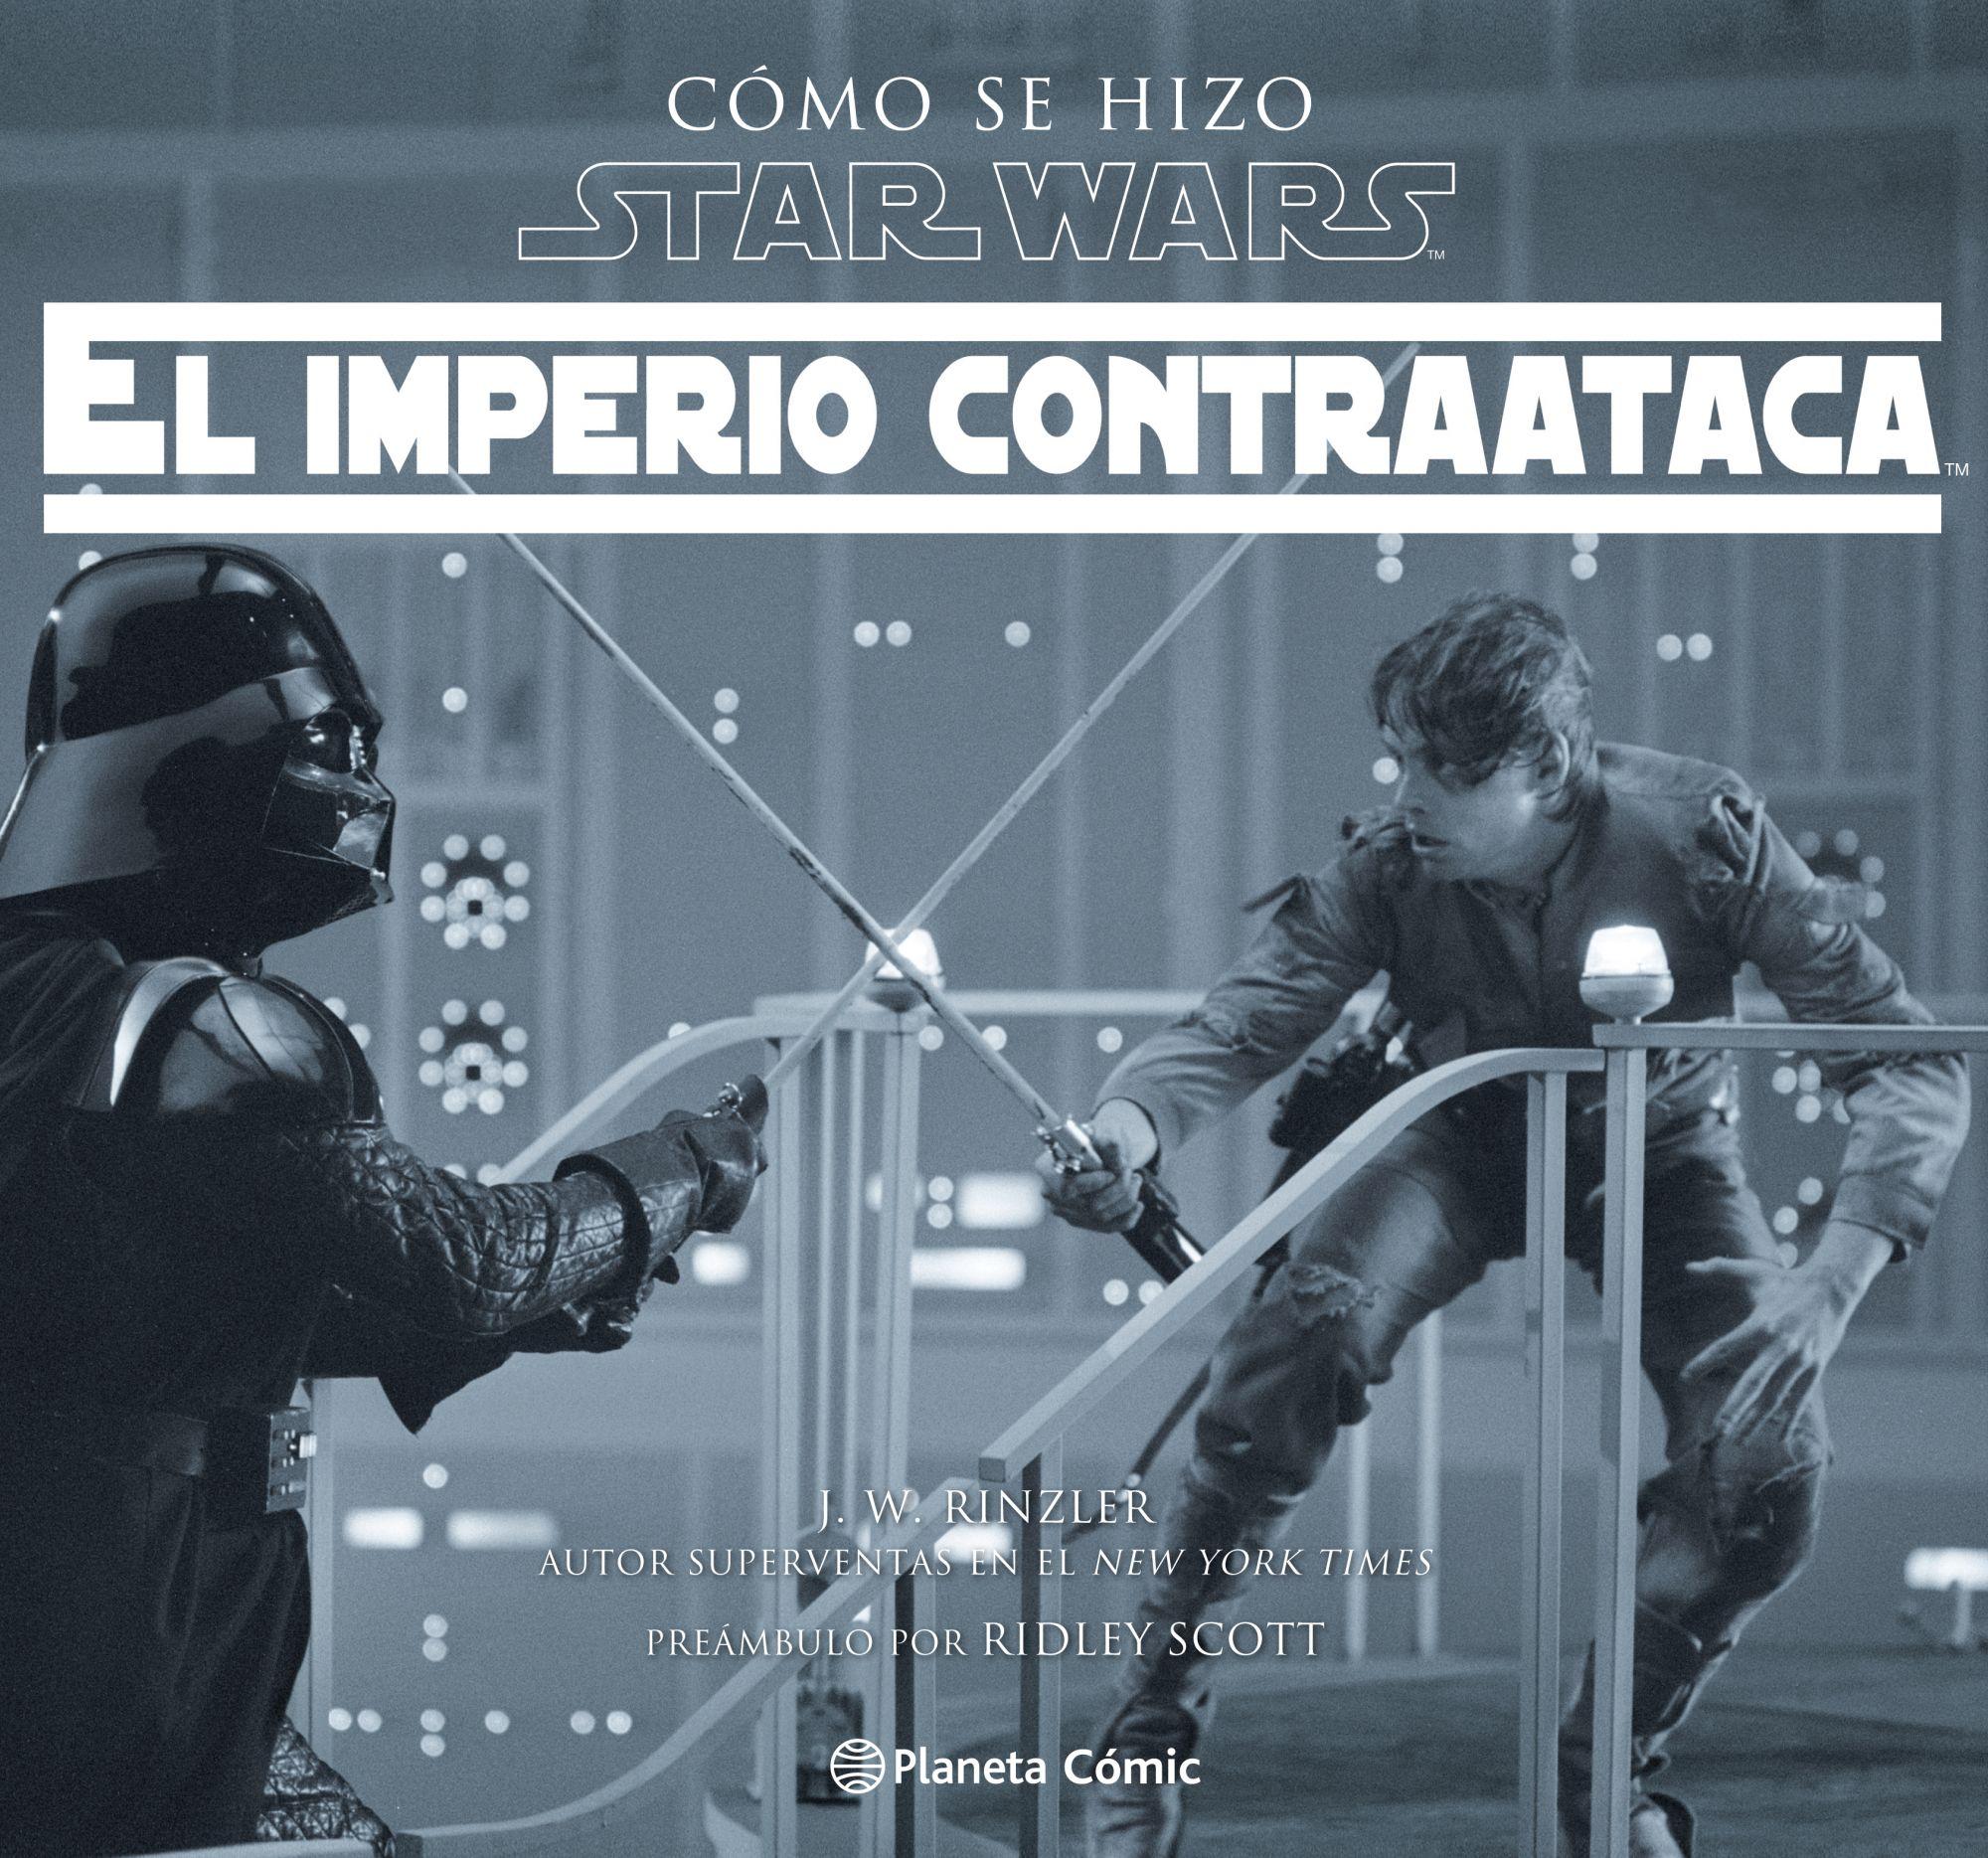 STAR WARS COMO SE HIZO EL IMPERIO CONTRAATACA